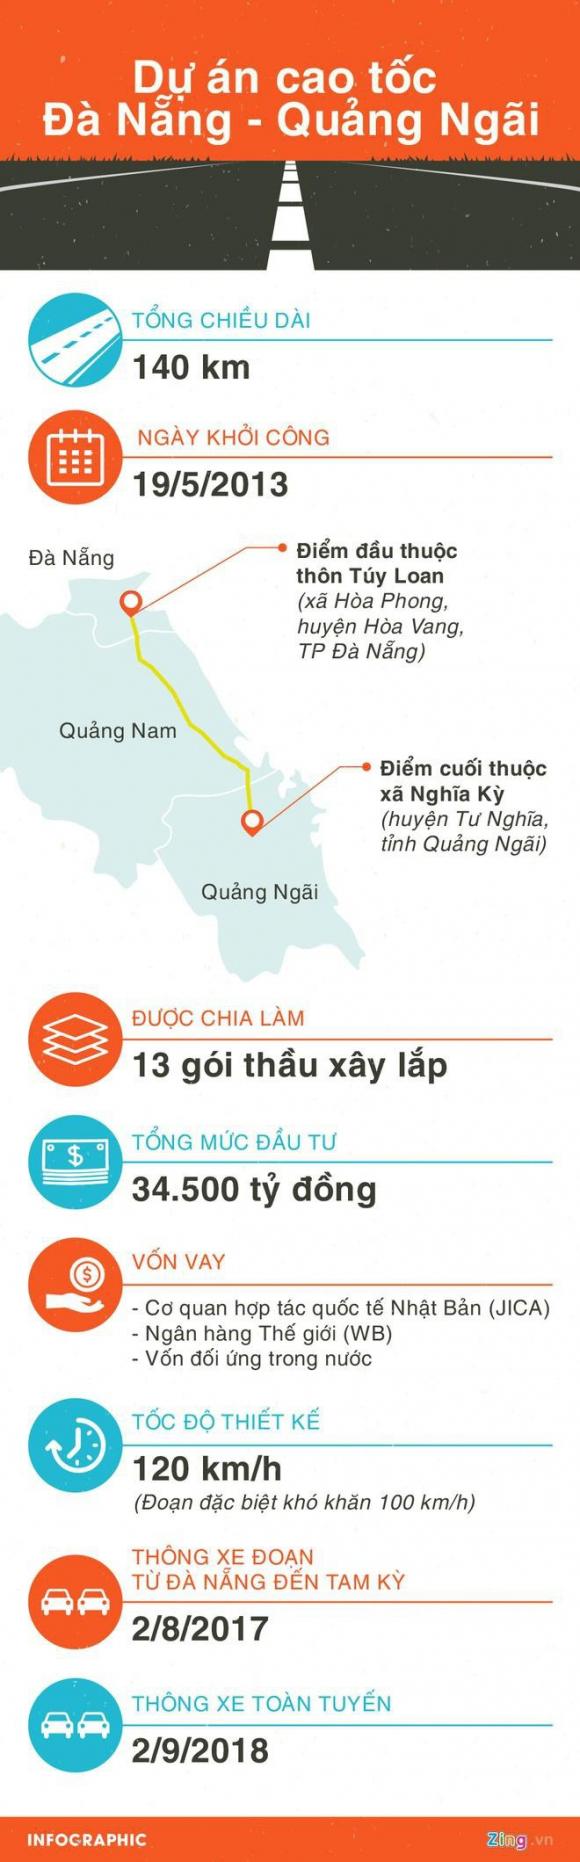 Cao toc Da Nang - Quang Ngai anh 3